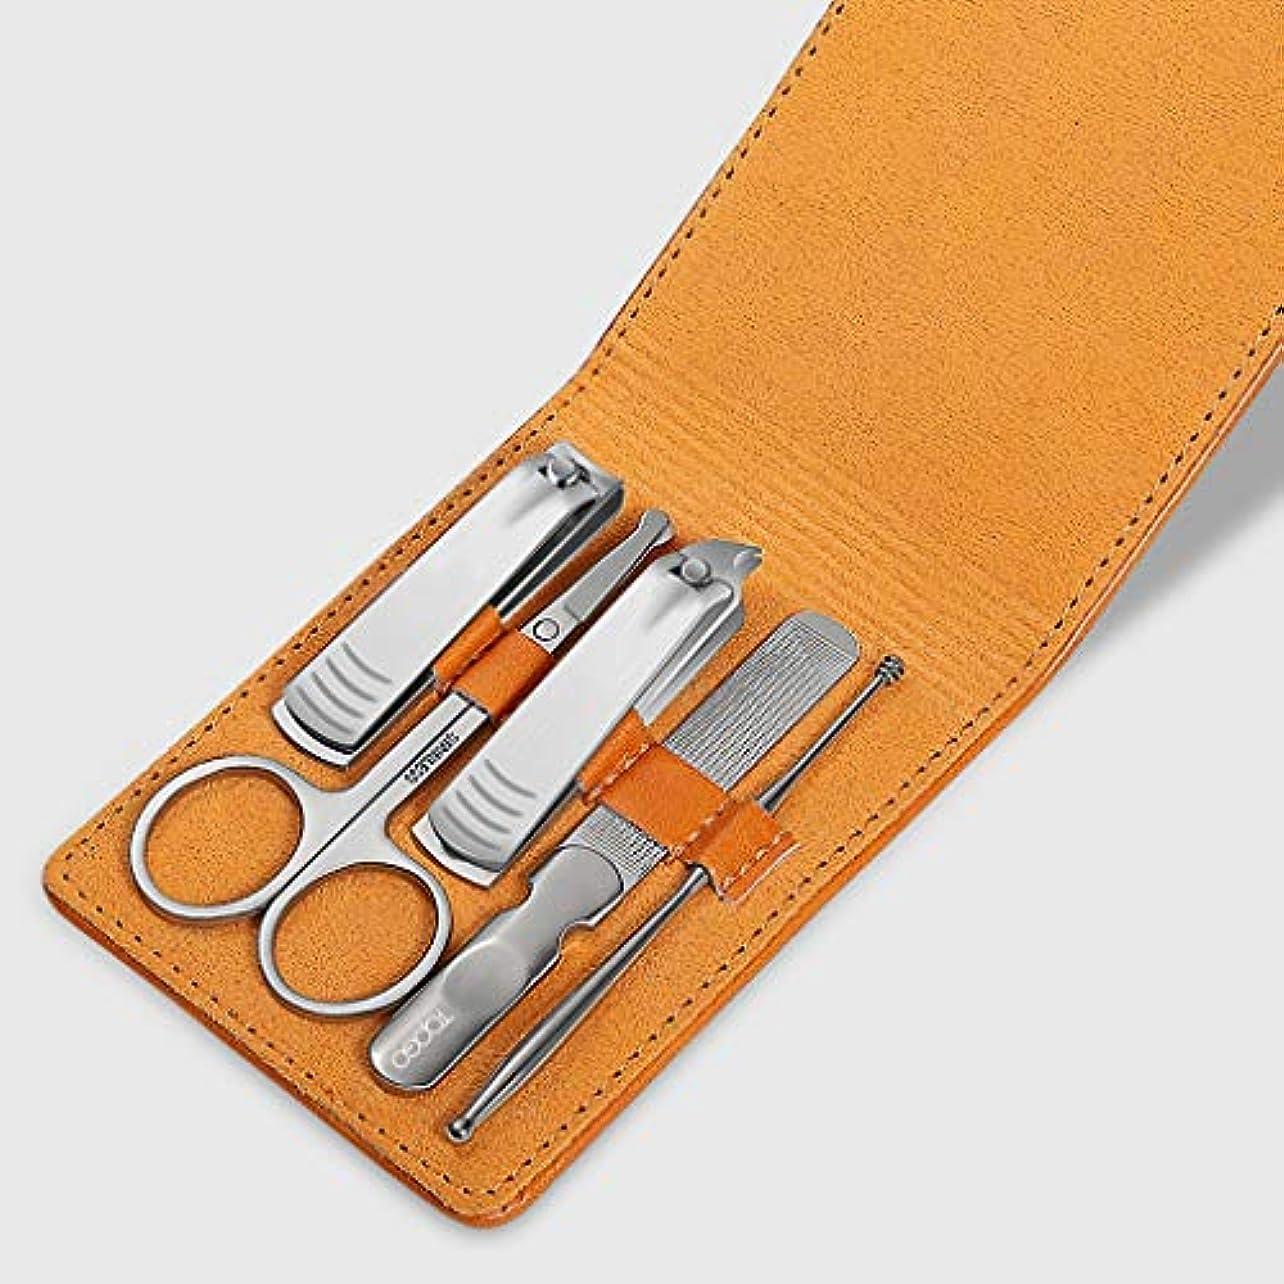 カウンタ追加小麦5のマニキュアセット、ステンレス鋼の爪切り、大人の手入れの行き届いた爪、マニキュア、パーソナルケア、小さくて便利、出張に使用することができます。,Silver